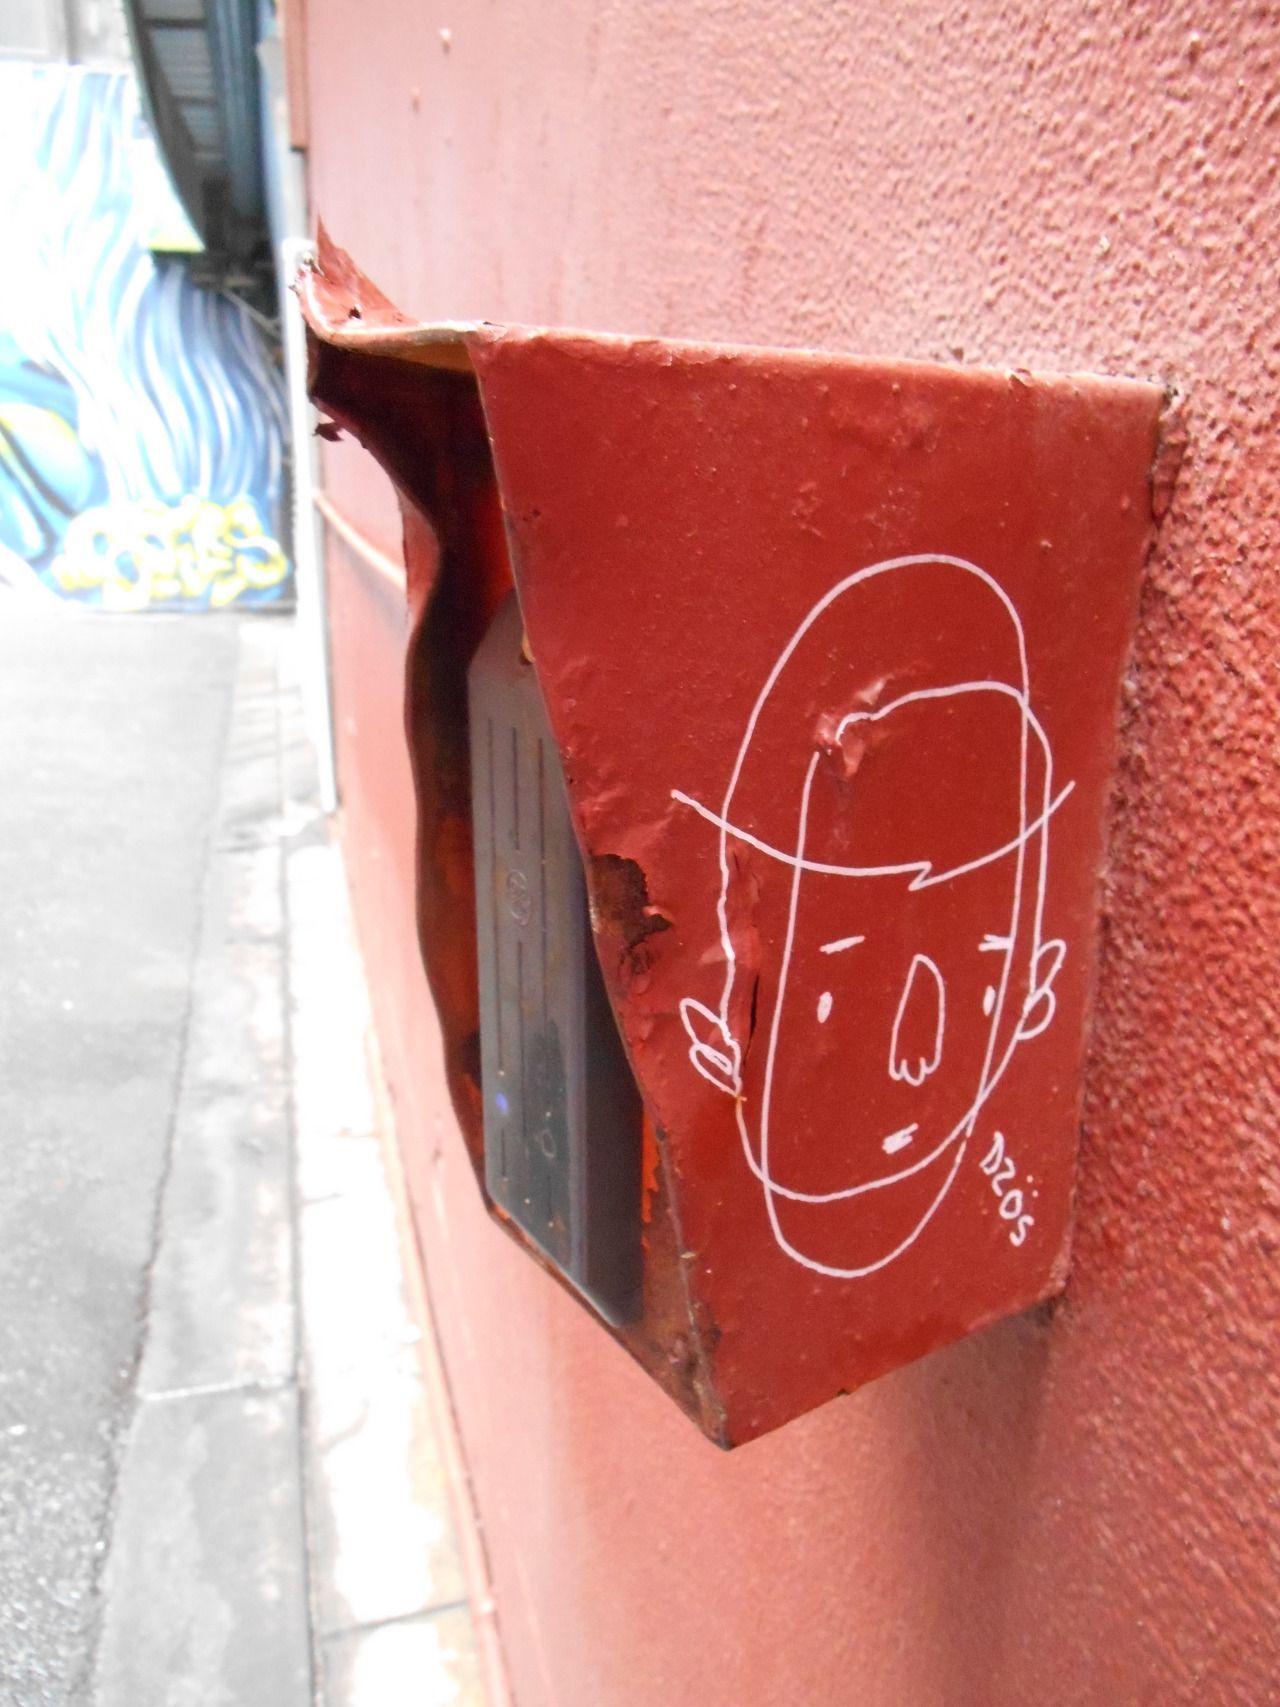 Street art image by David Frakes Jr. on urban Art, Pixel